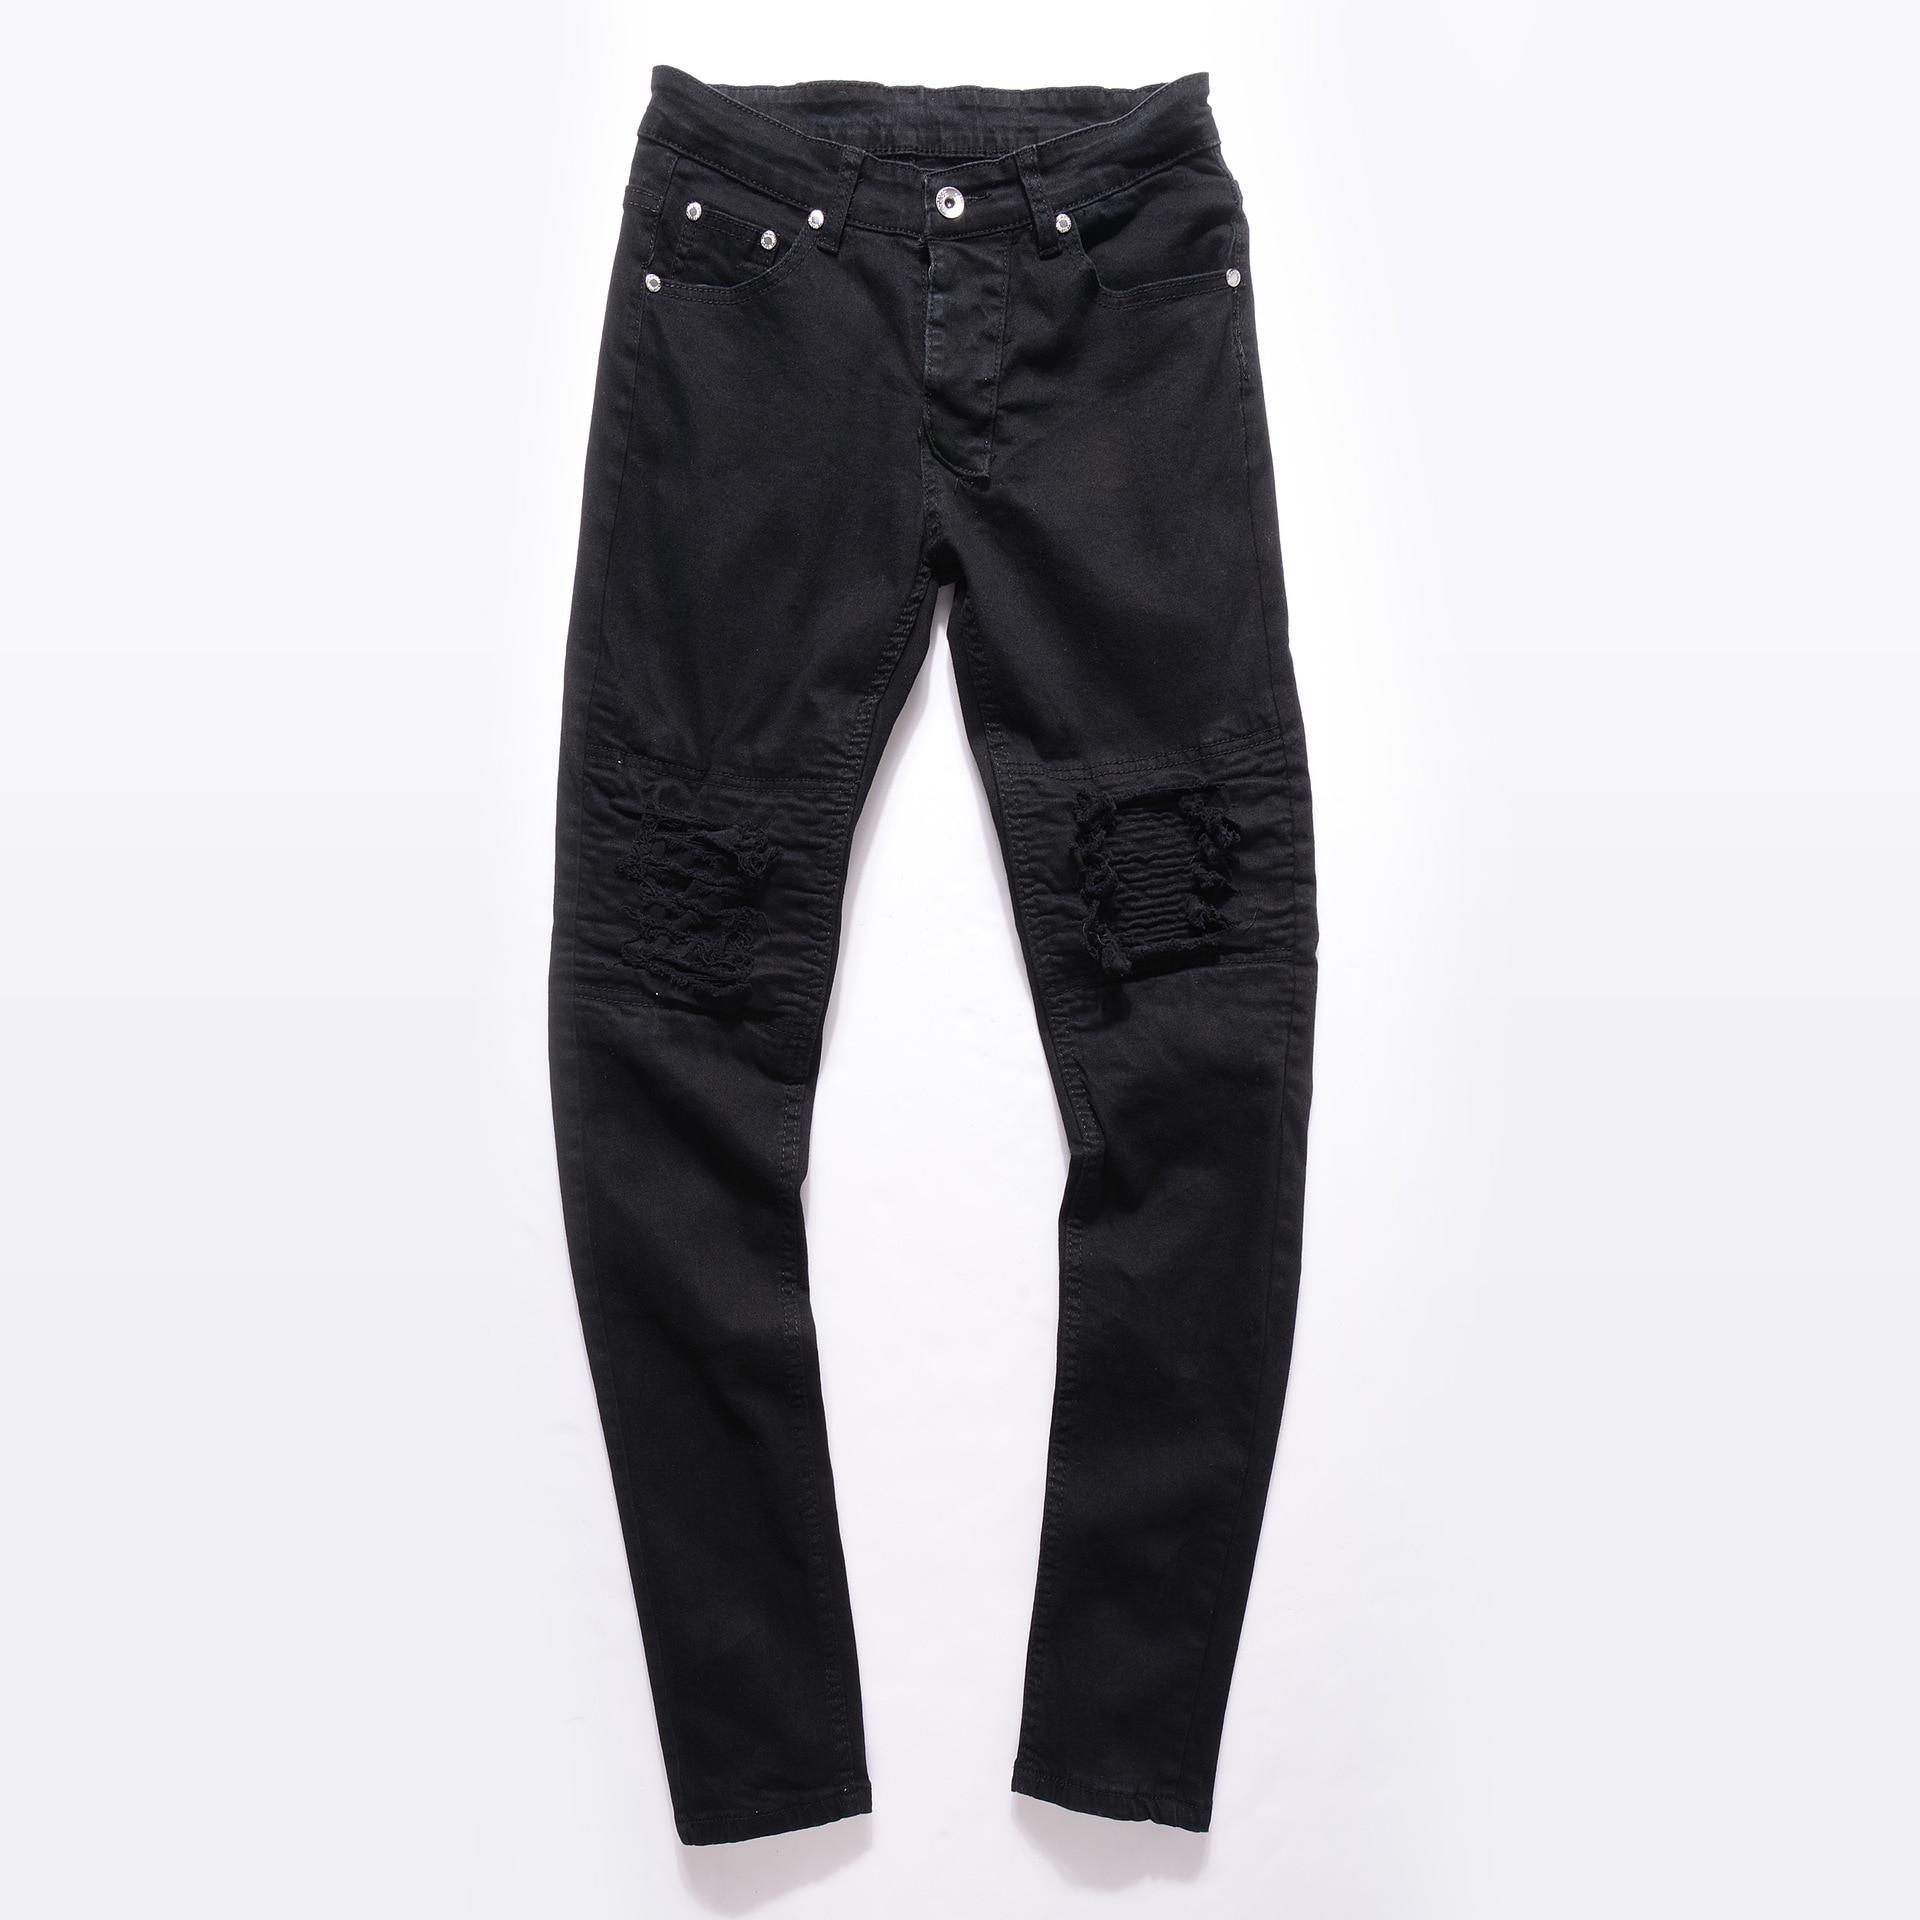 Новые брендовые дизайнерские зауженные рваные джинсы для мужчин, рваные потертые джинсы с эффектом потертости